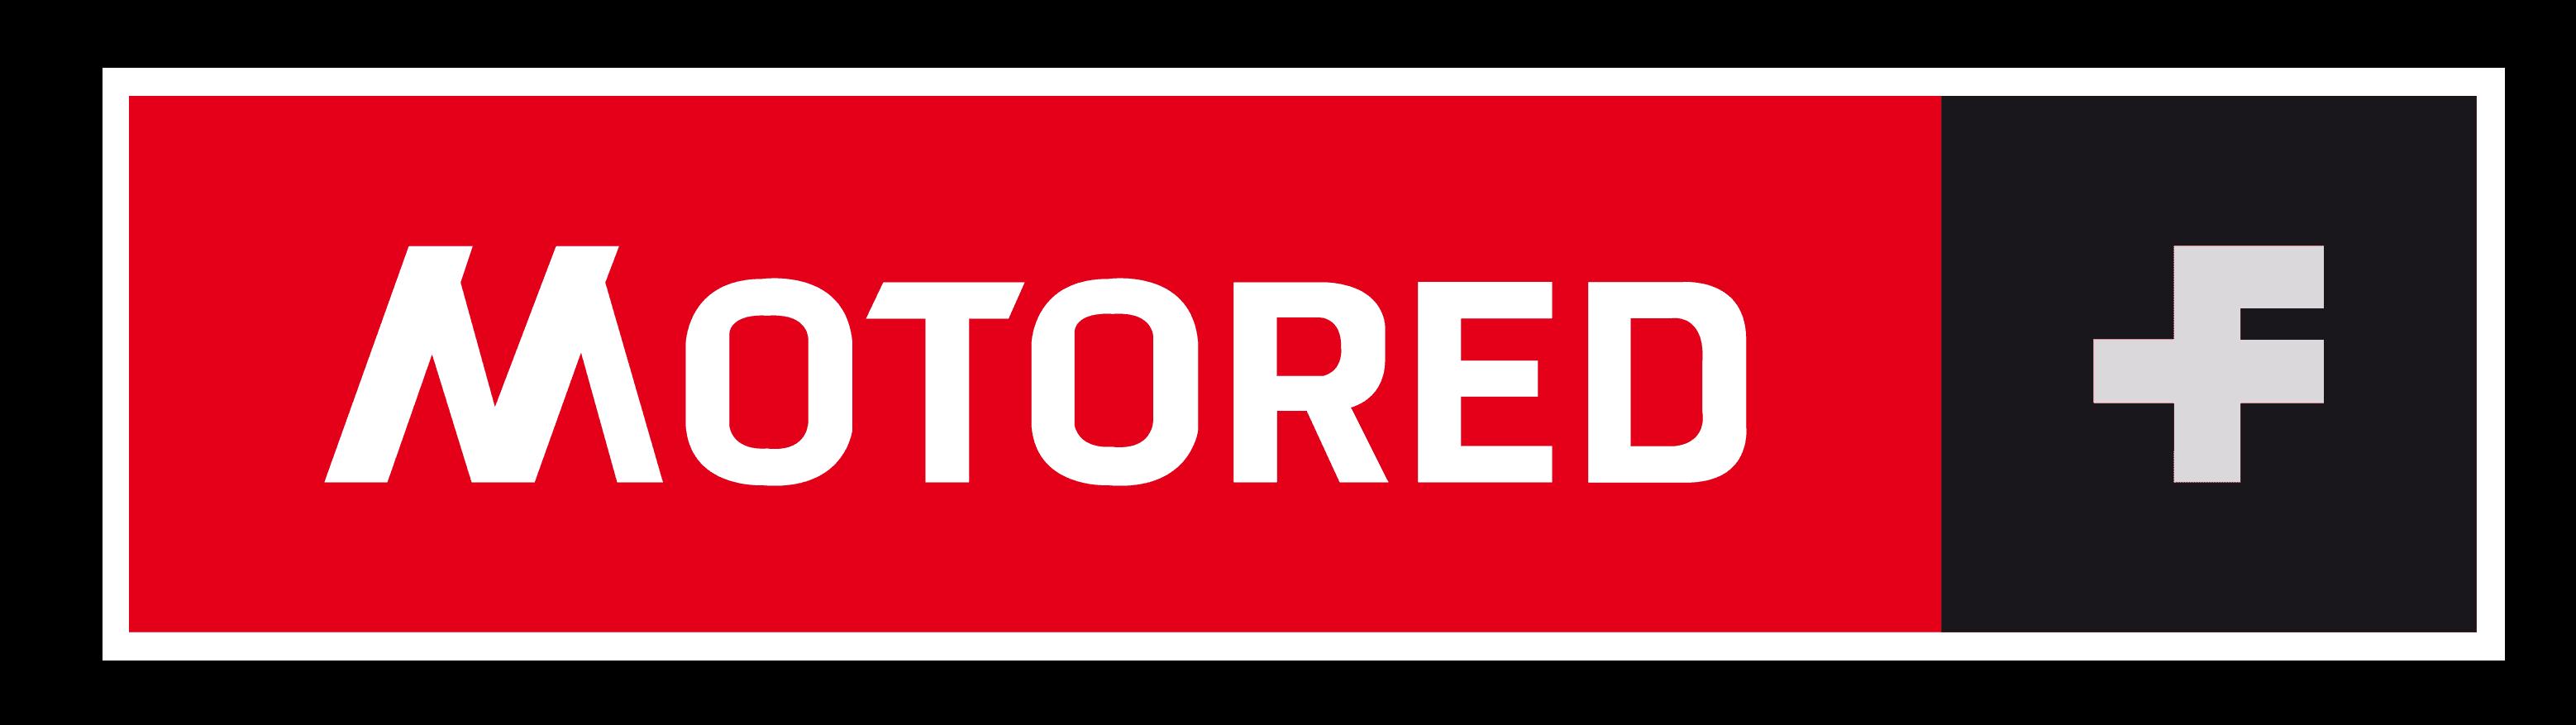 motored magento